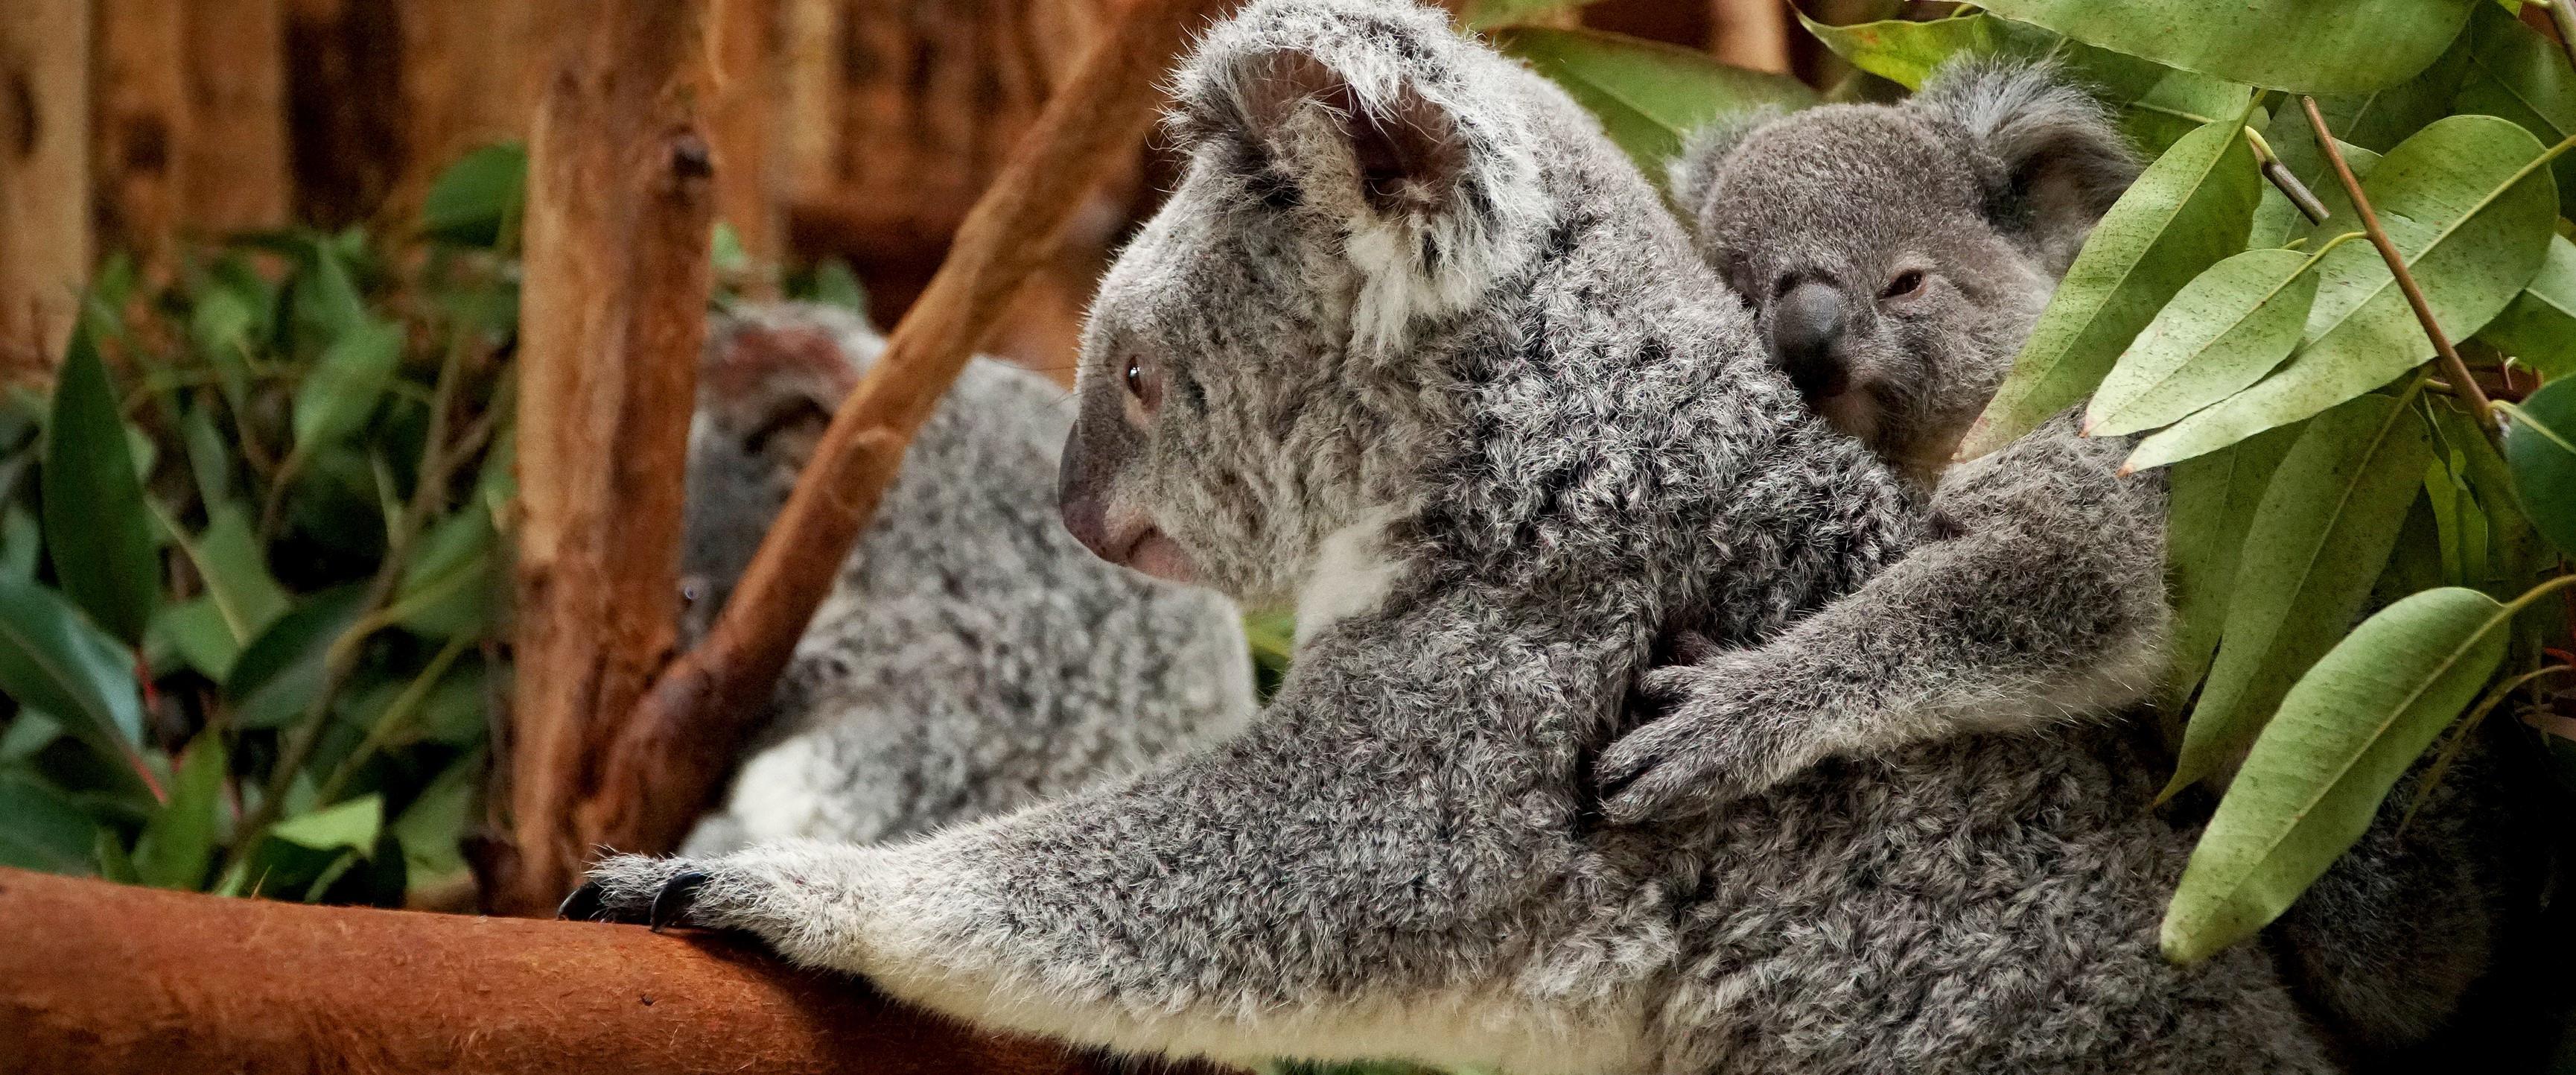 Há animais que passam mais de metade do dia... a dormir. Sabia?